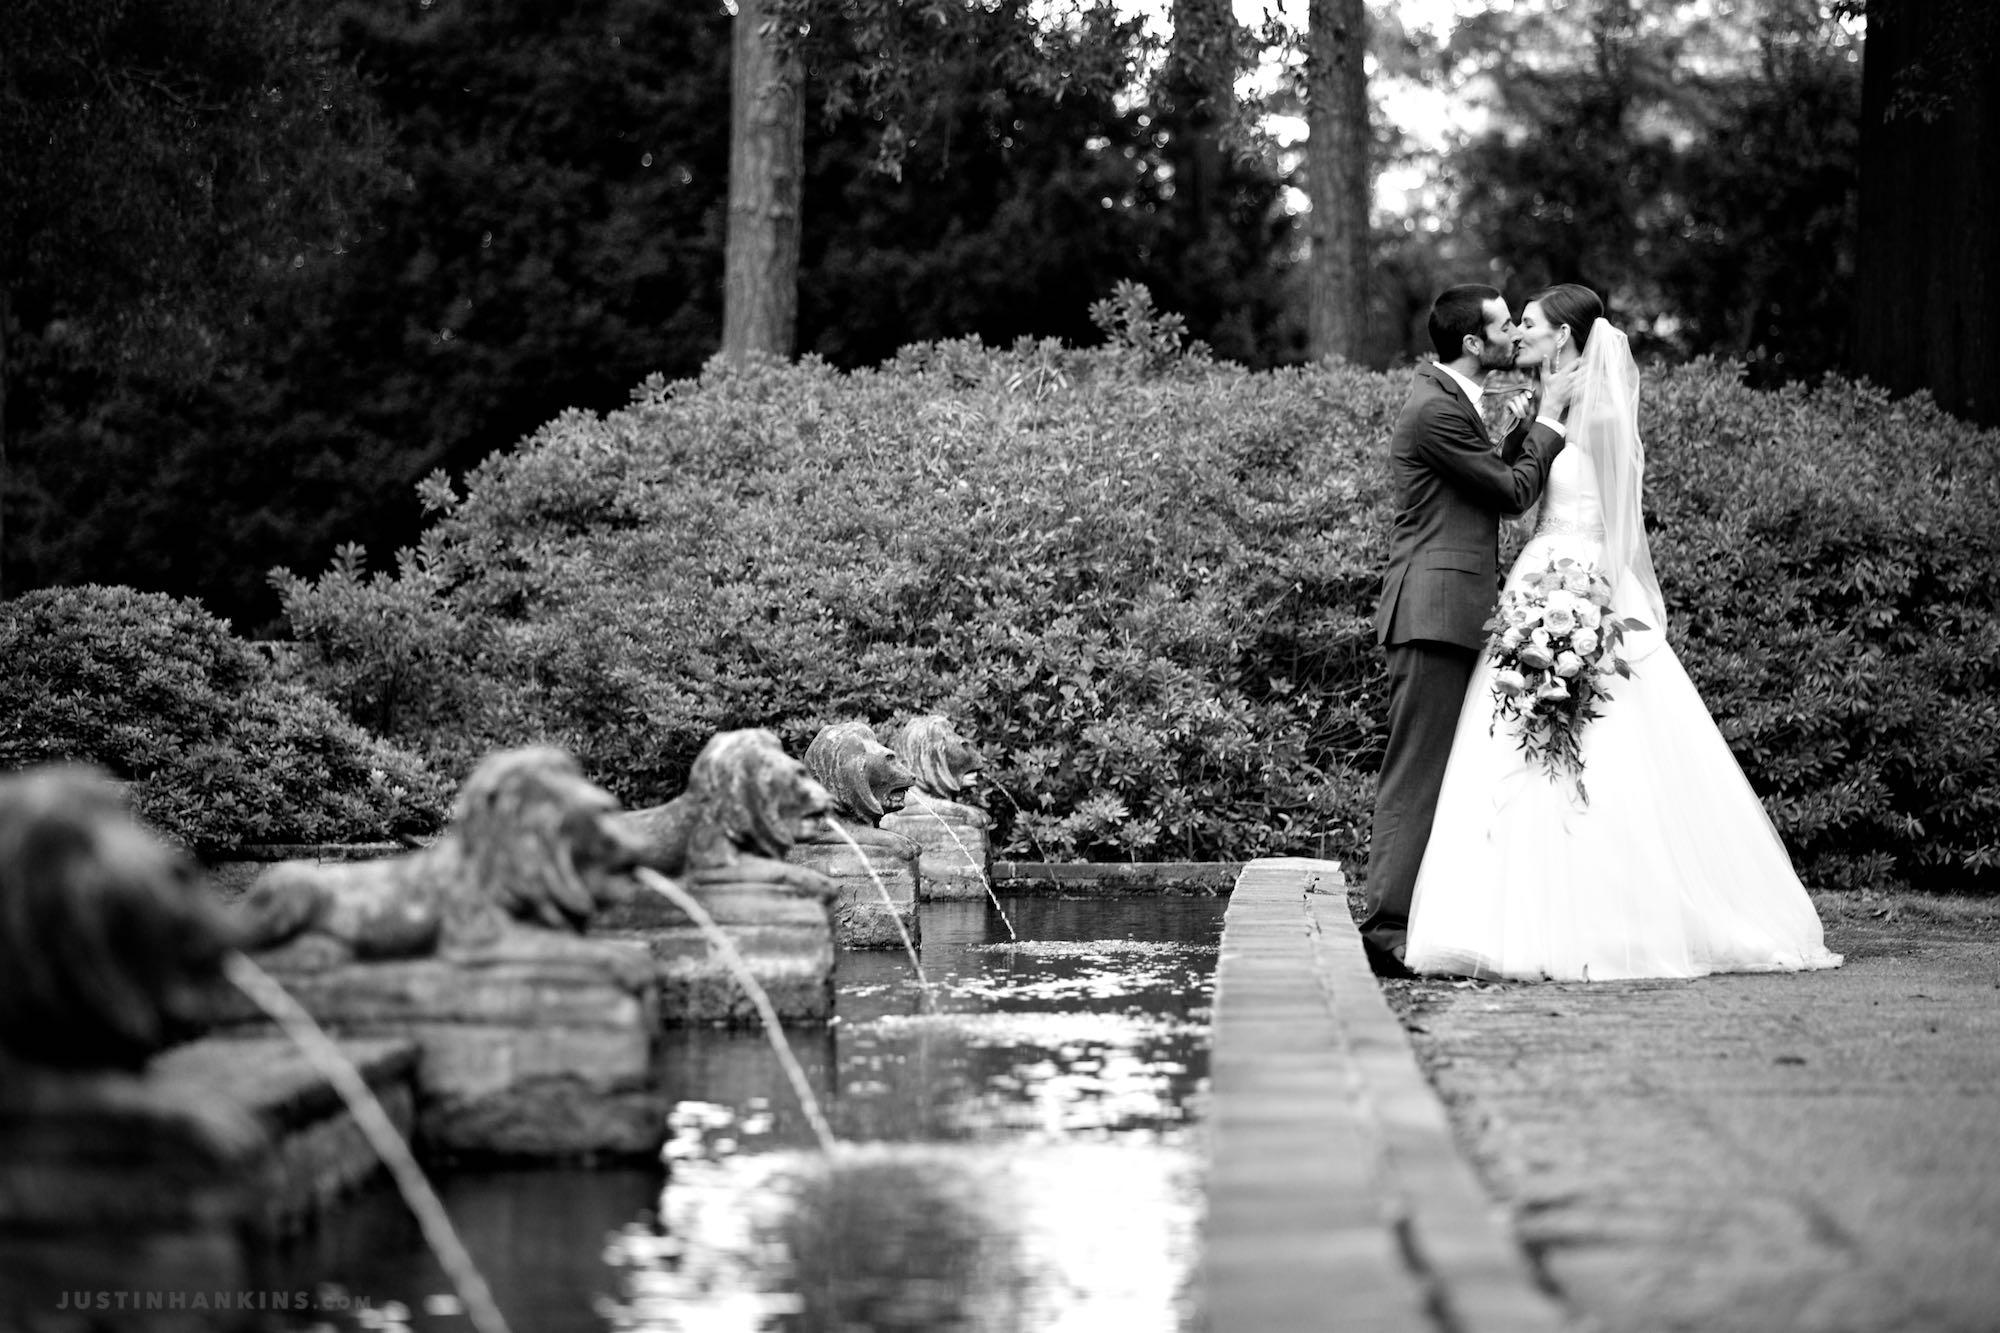 Norfolk Botanical Garden Half Moone Wedding Photos Justin Hankins